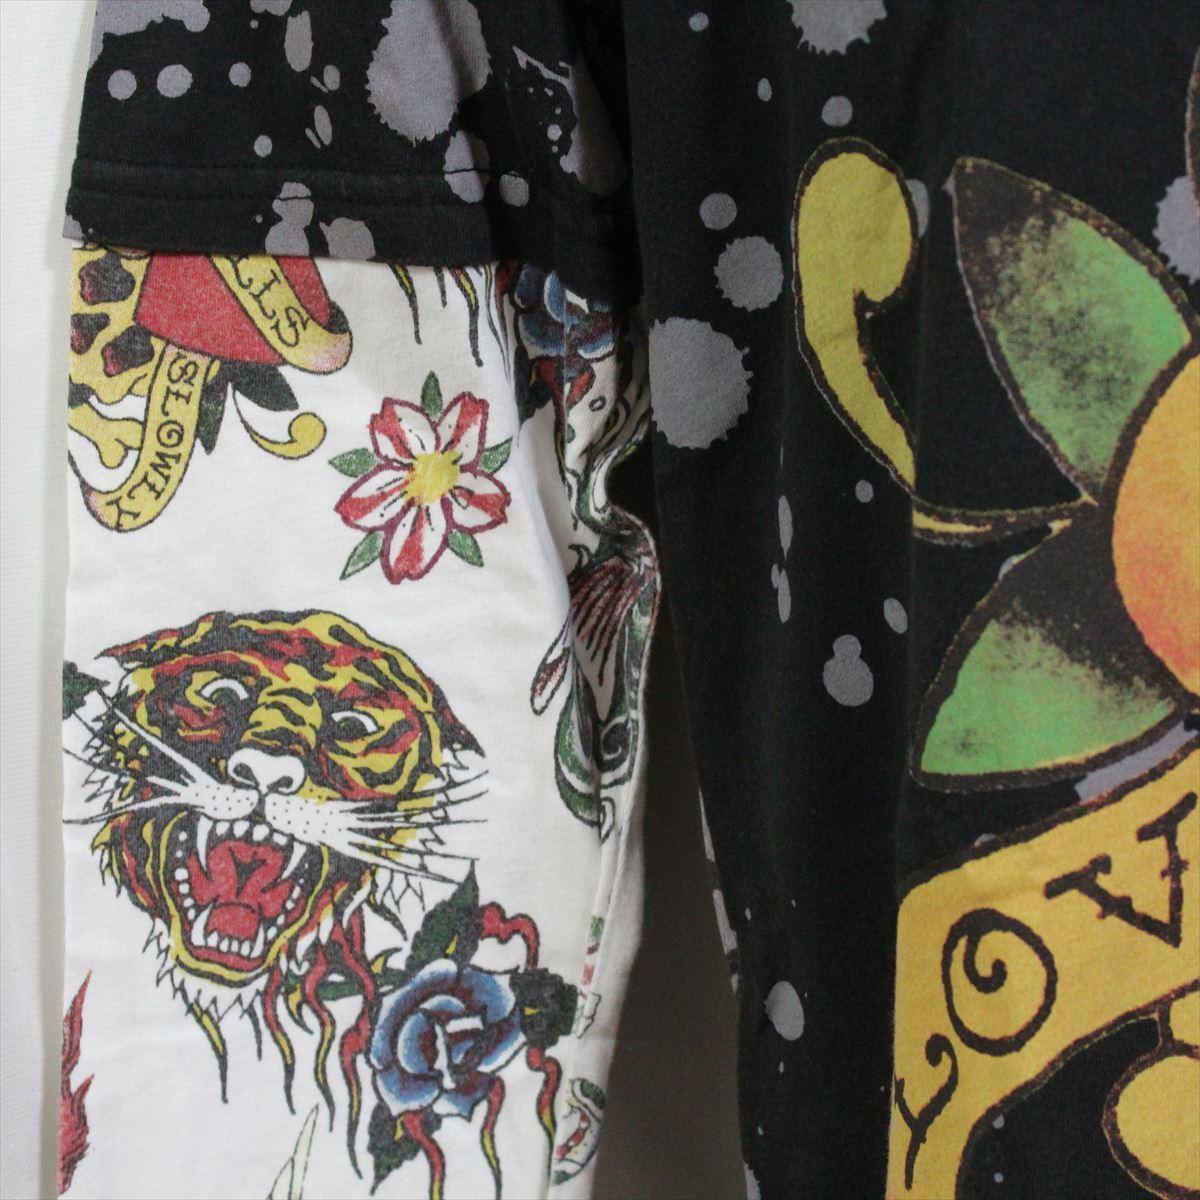 エドハーディー ED HARDY メンズダブルスリーブTシャツ ブラック Sサイズ M03VDS052 新品 長袖_画像2